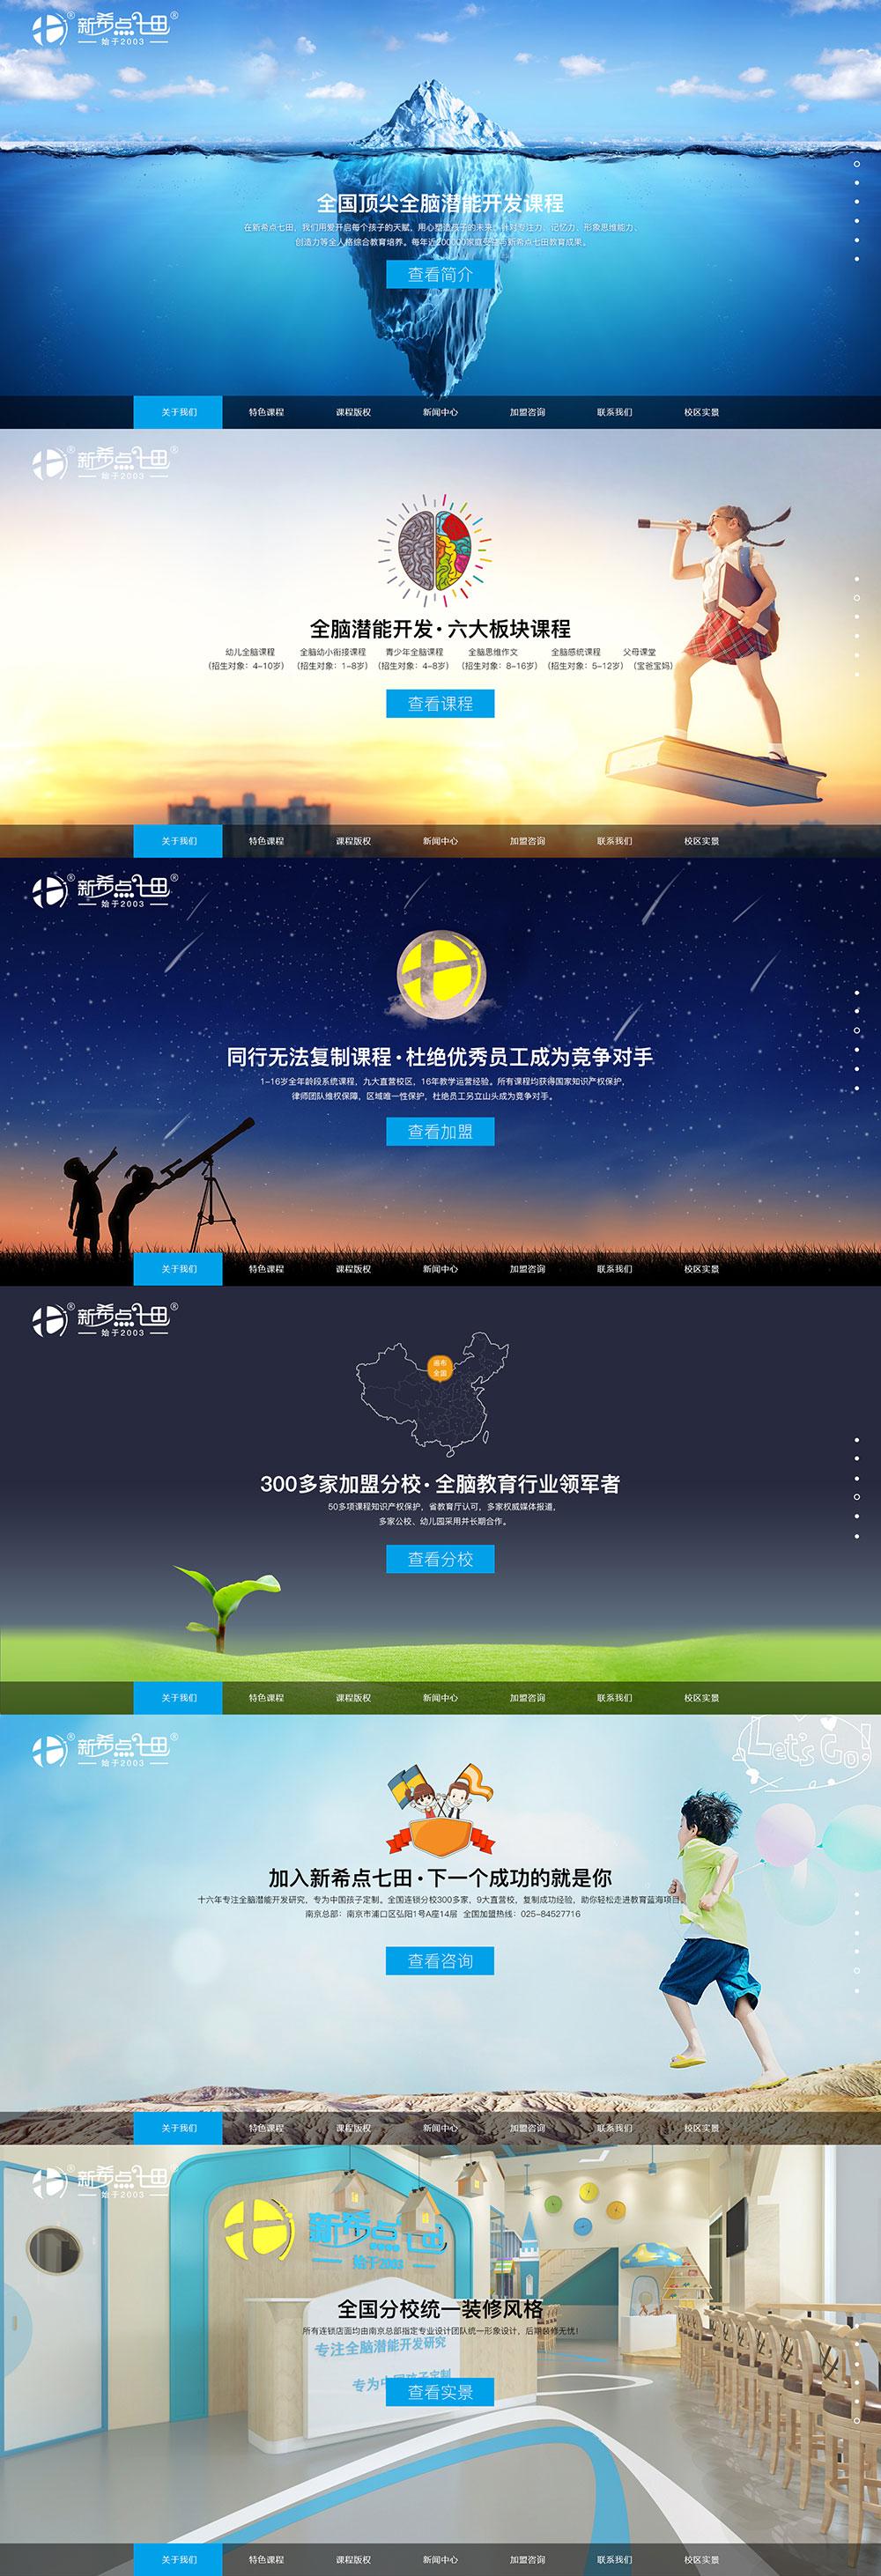 南京新希点七田教育科技有限公司